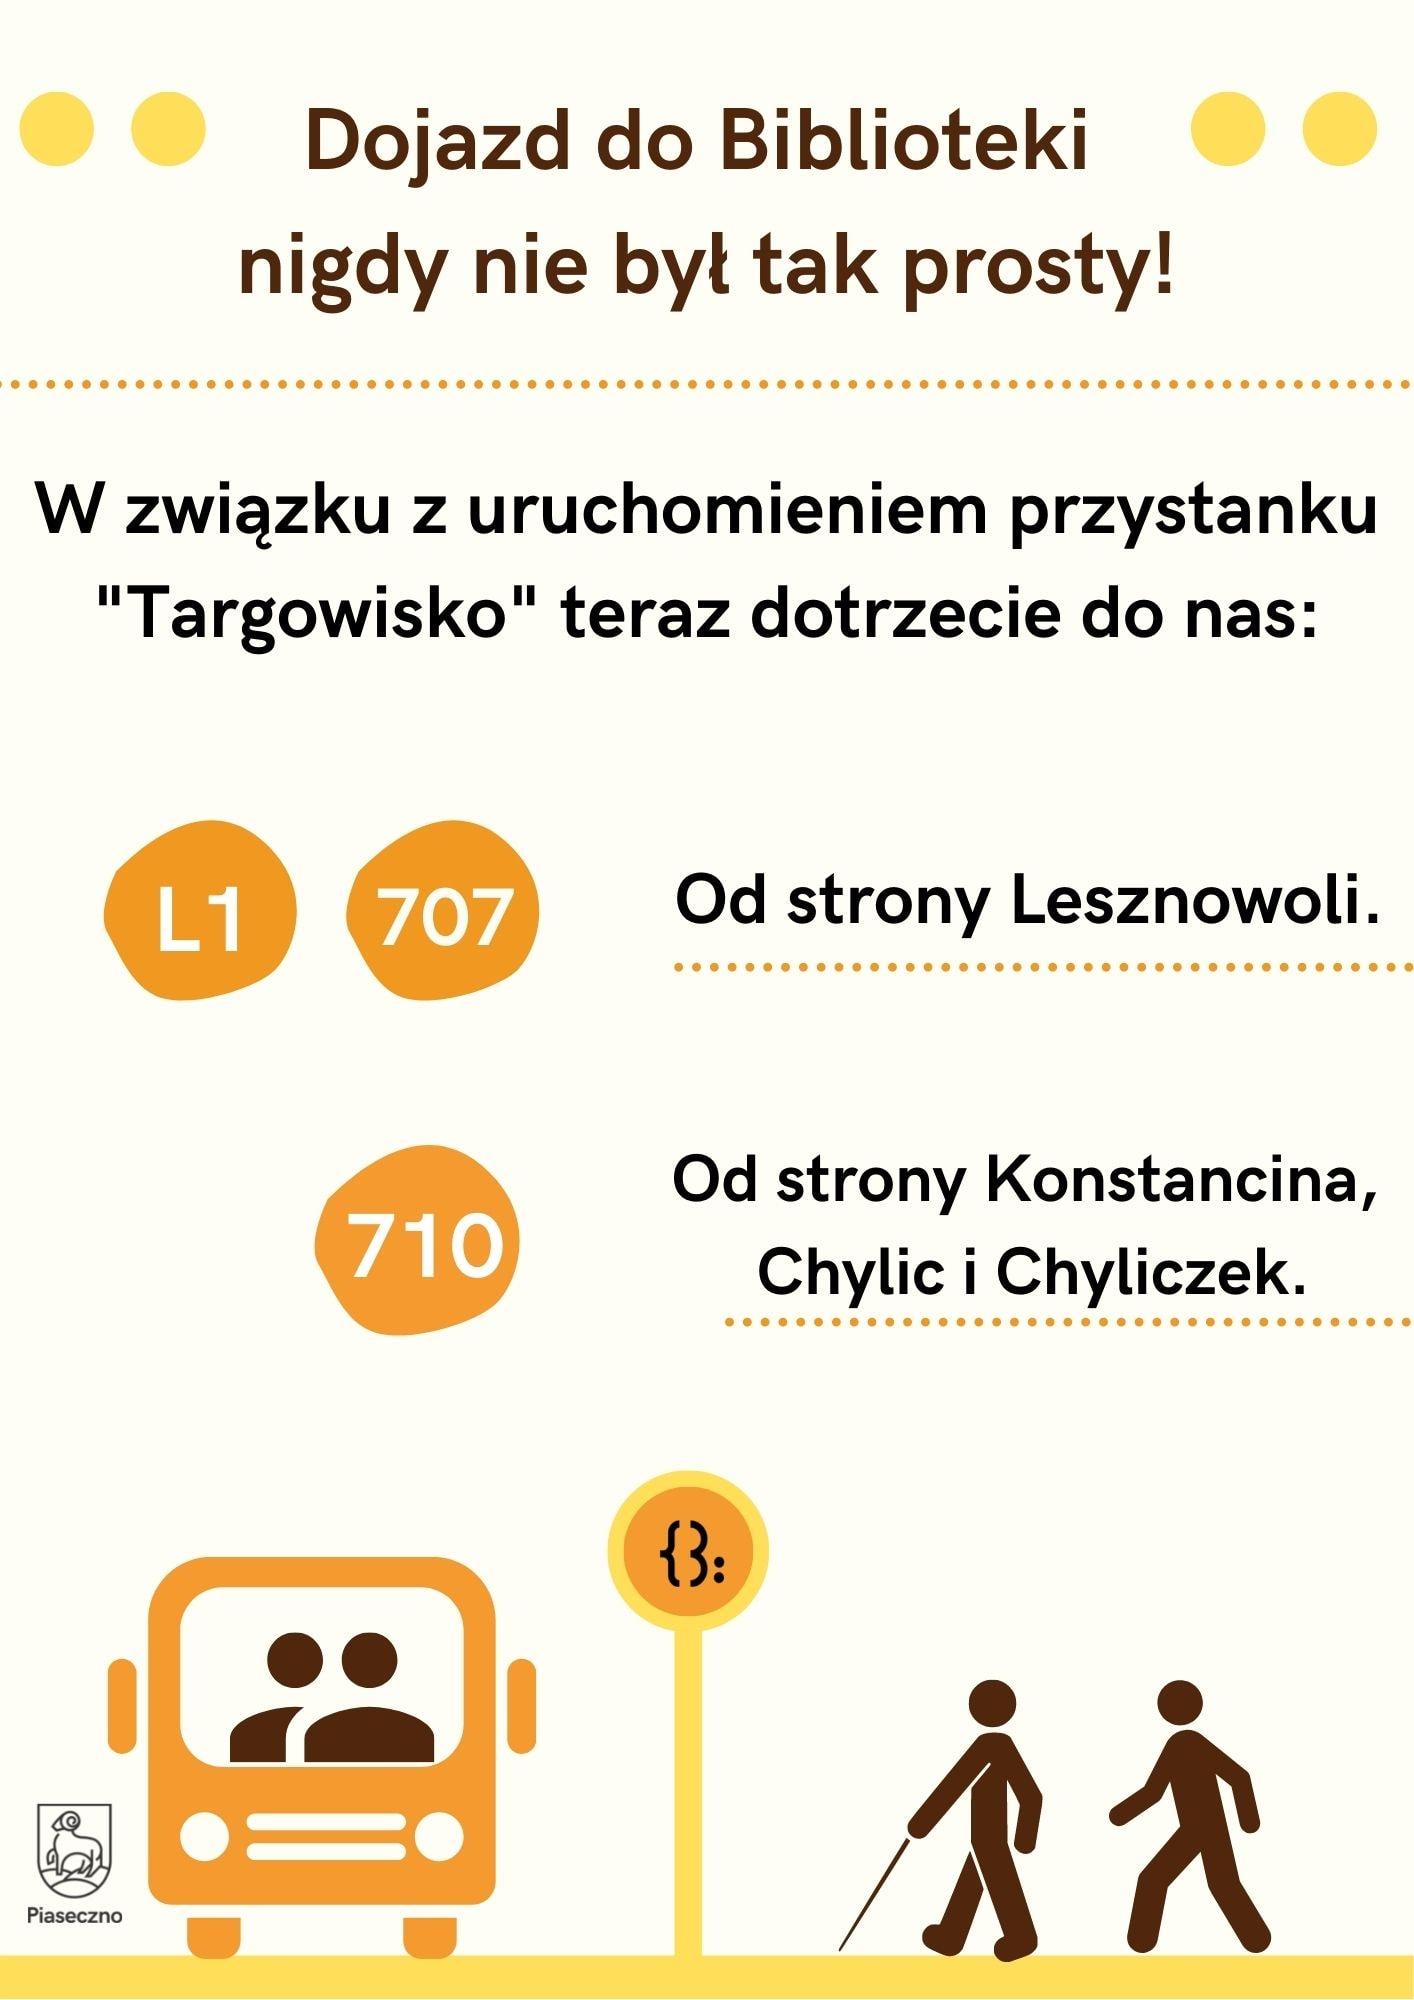 Plakat informujący o nowym przystanku koło Biblioteki Głównej w Piasecznie. Linie 707, L1 ii 710 dojeżdżają do targowiska.